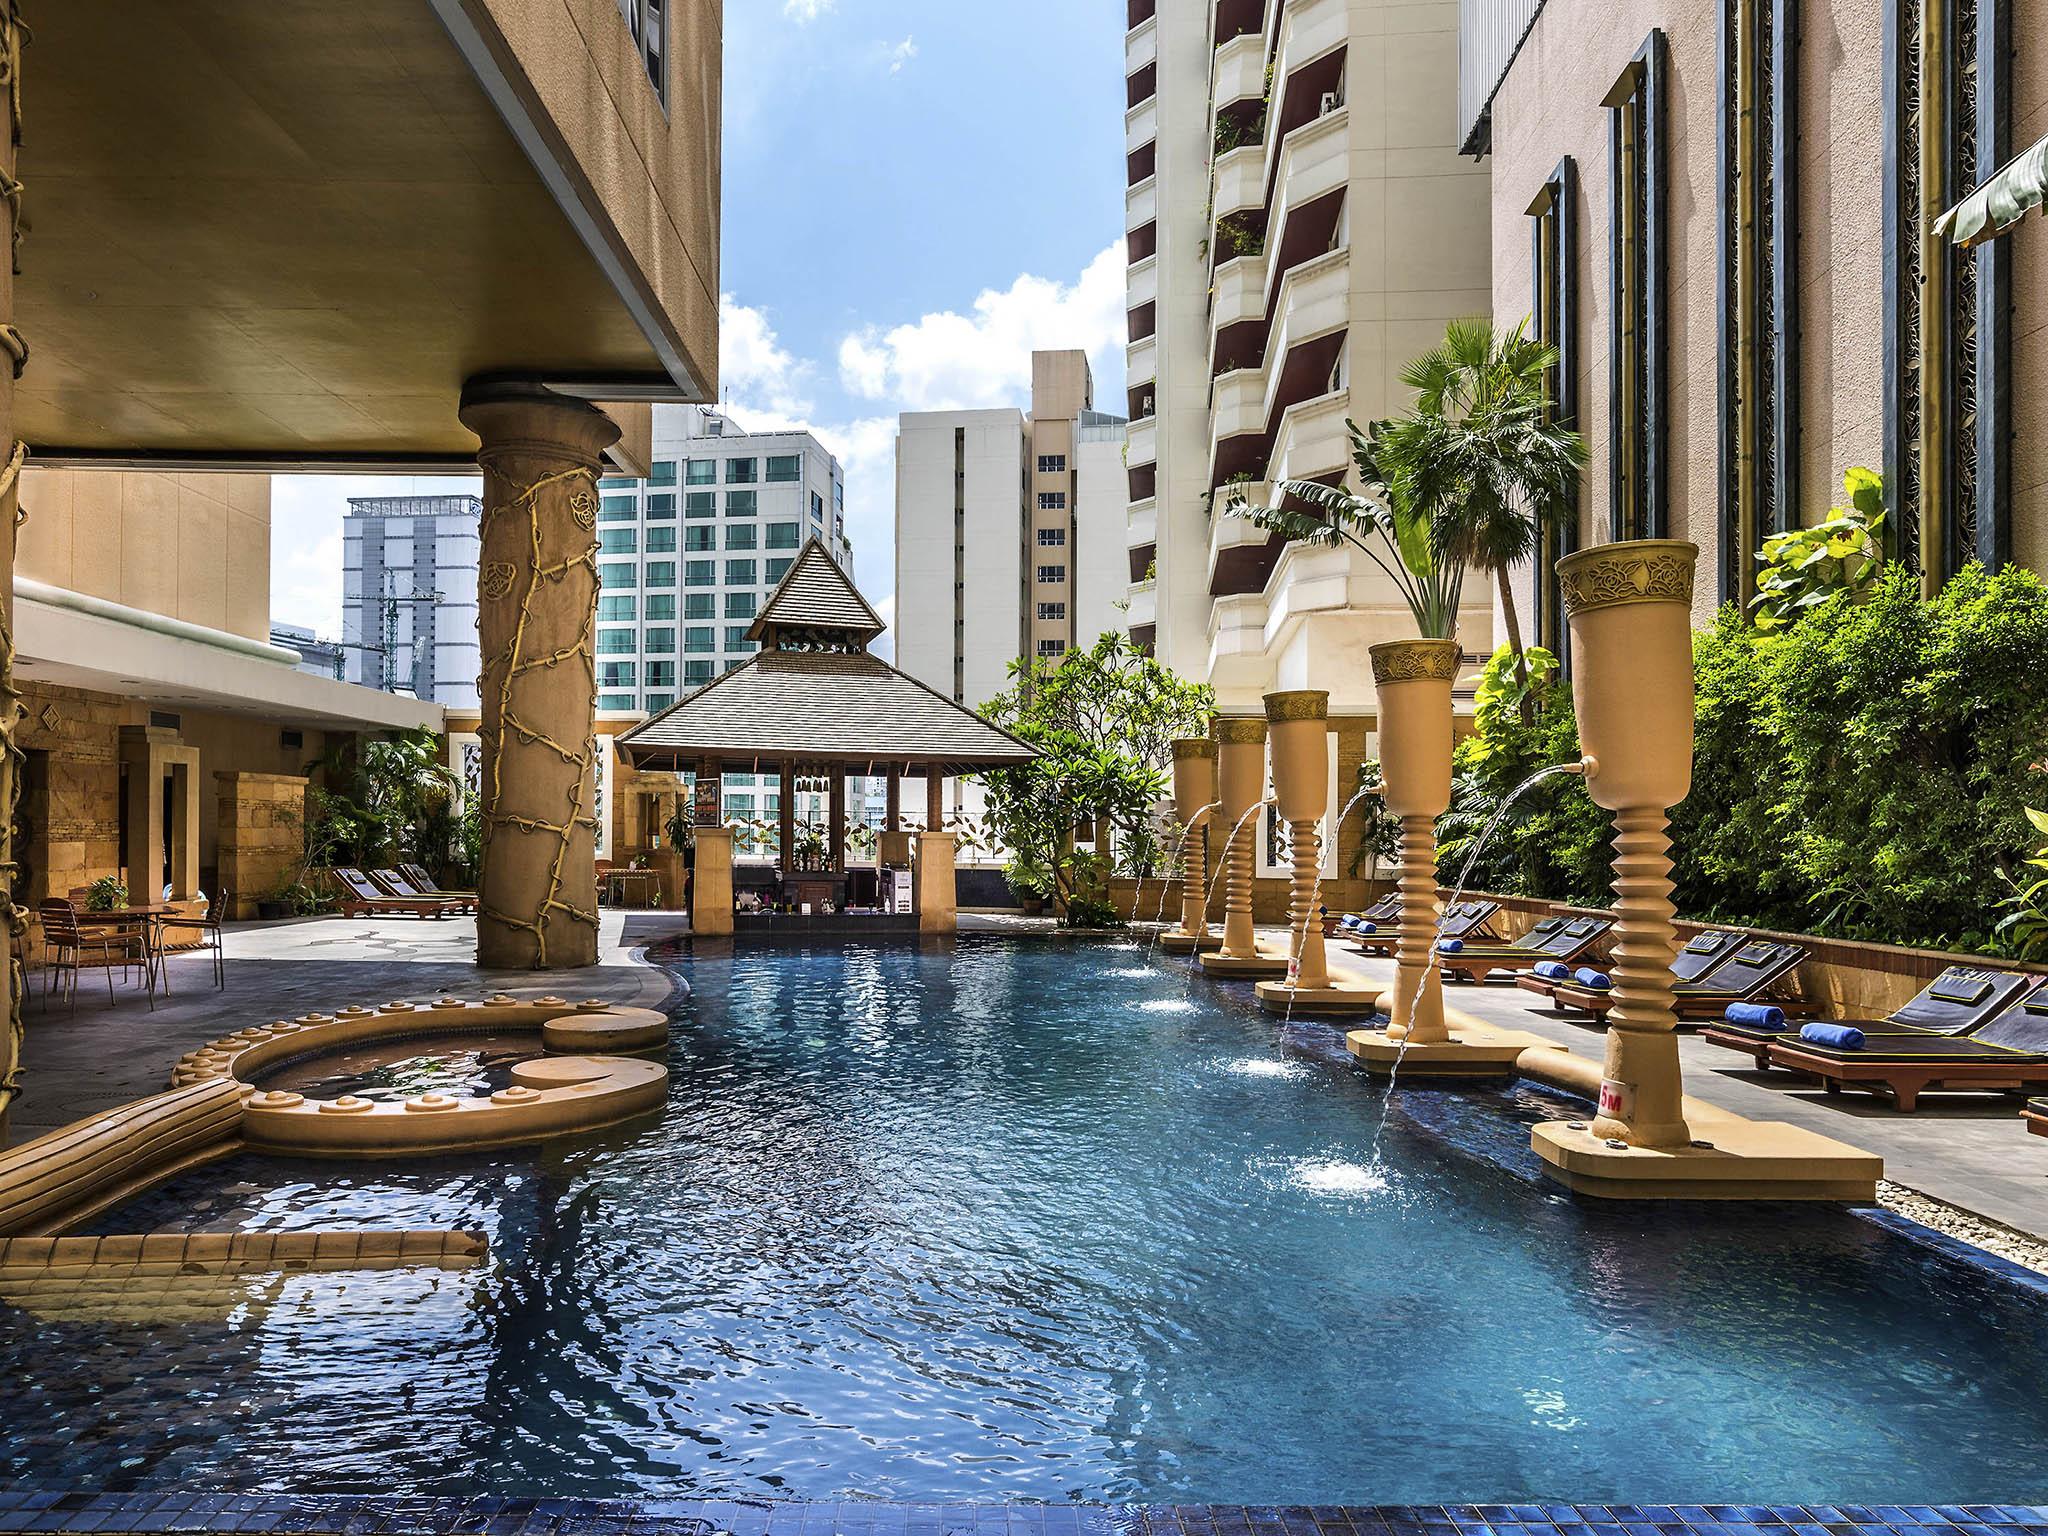 أجمل الفنادق العائلية في بانكوك تايلاند   افضل فنادق بانكوك العائليه فى تايلاند